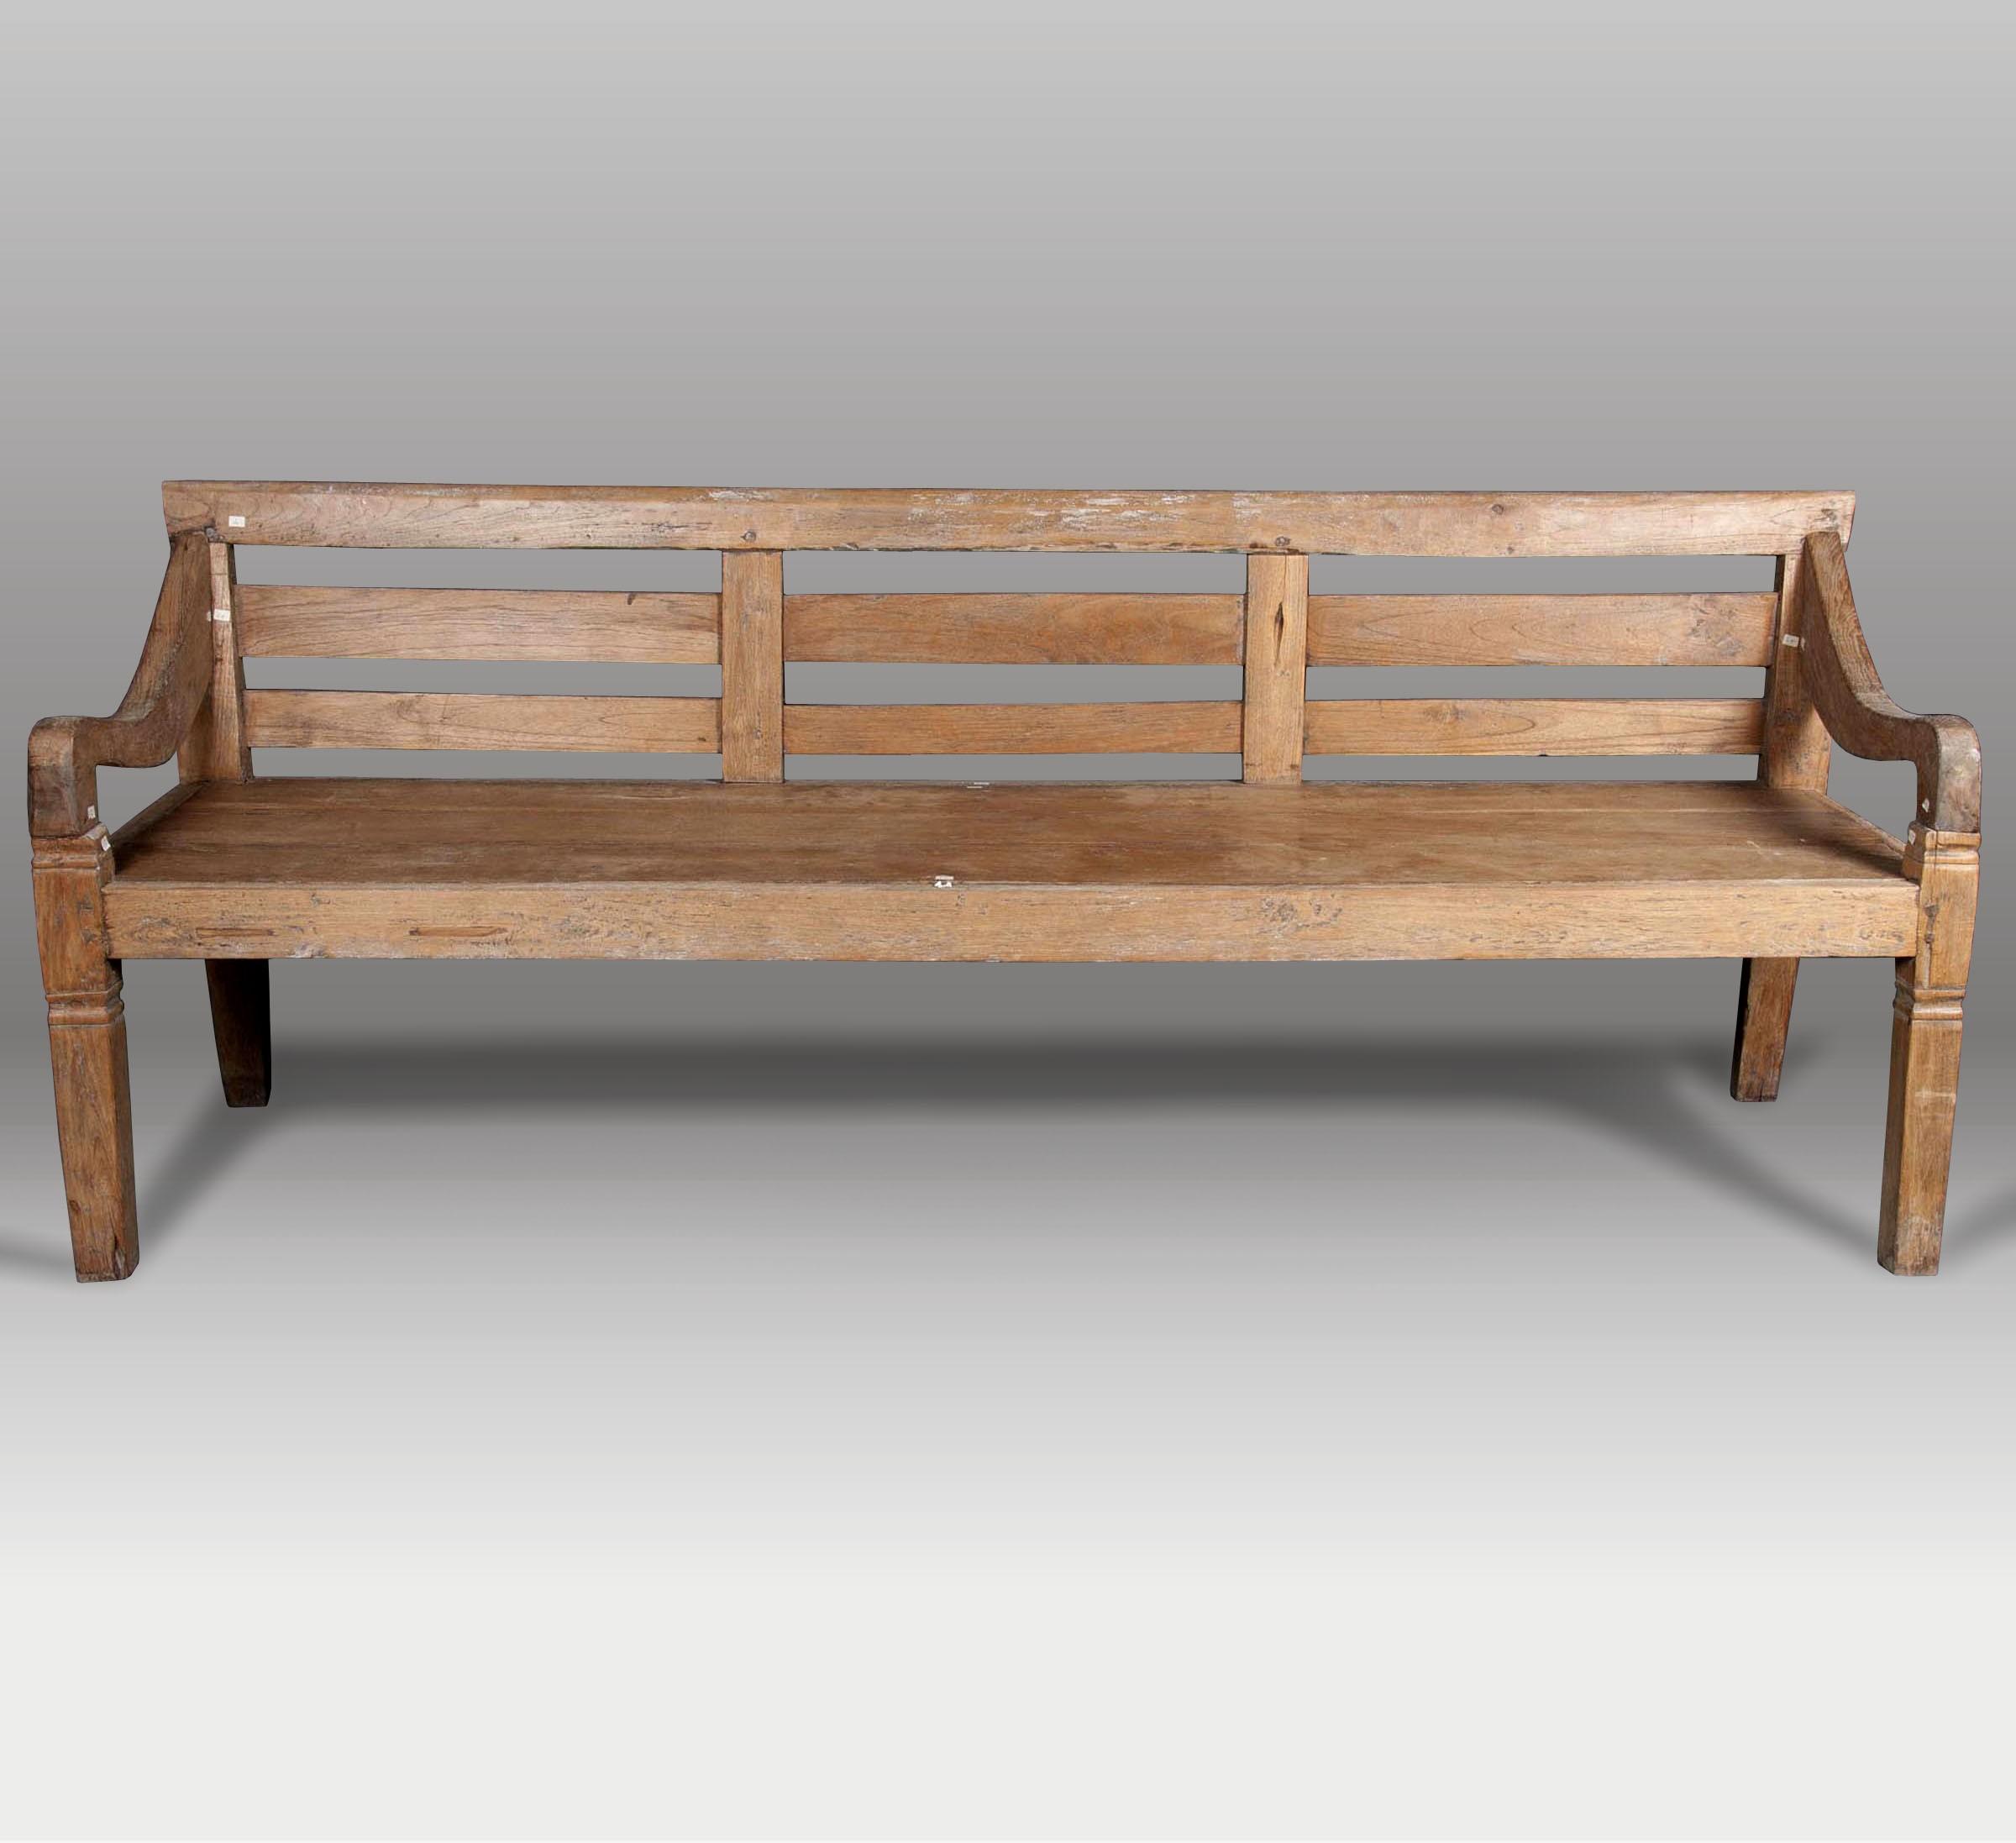 Banco y banco de madera batavia for Bancos merenderos de madera